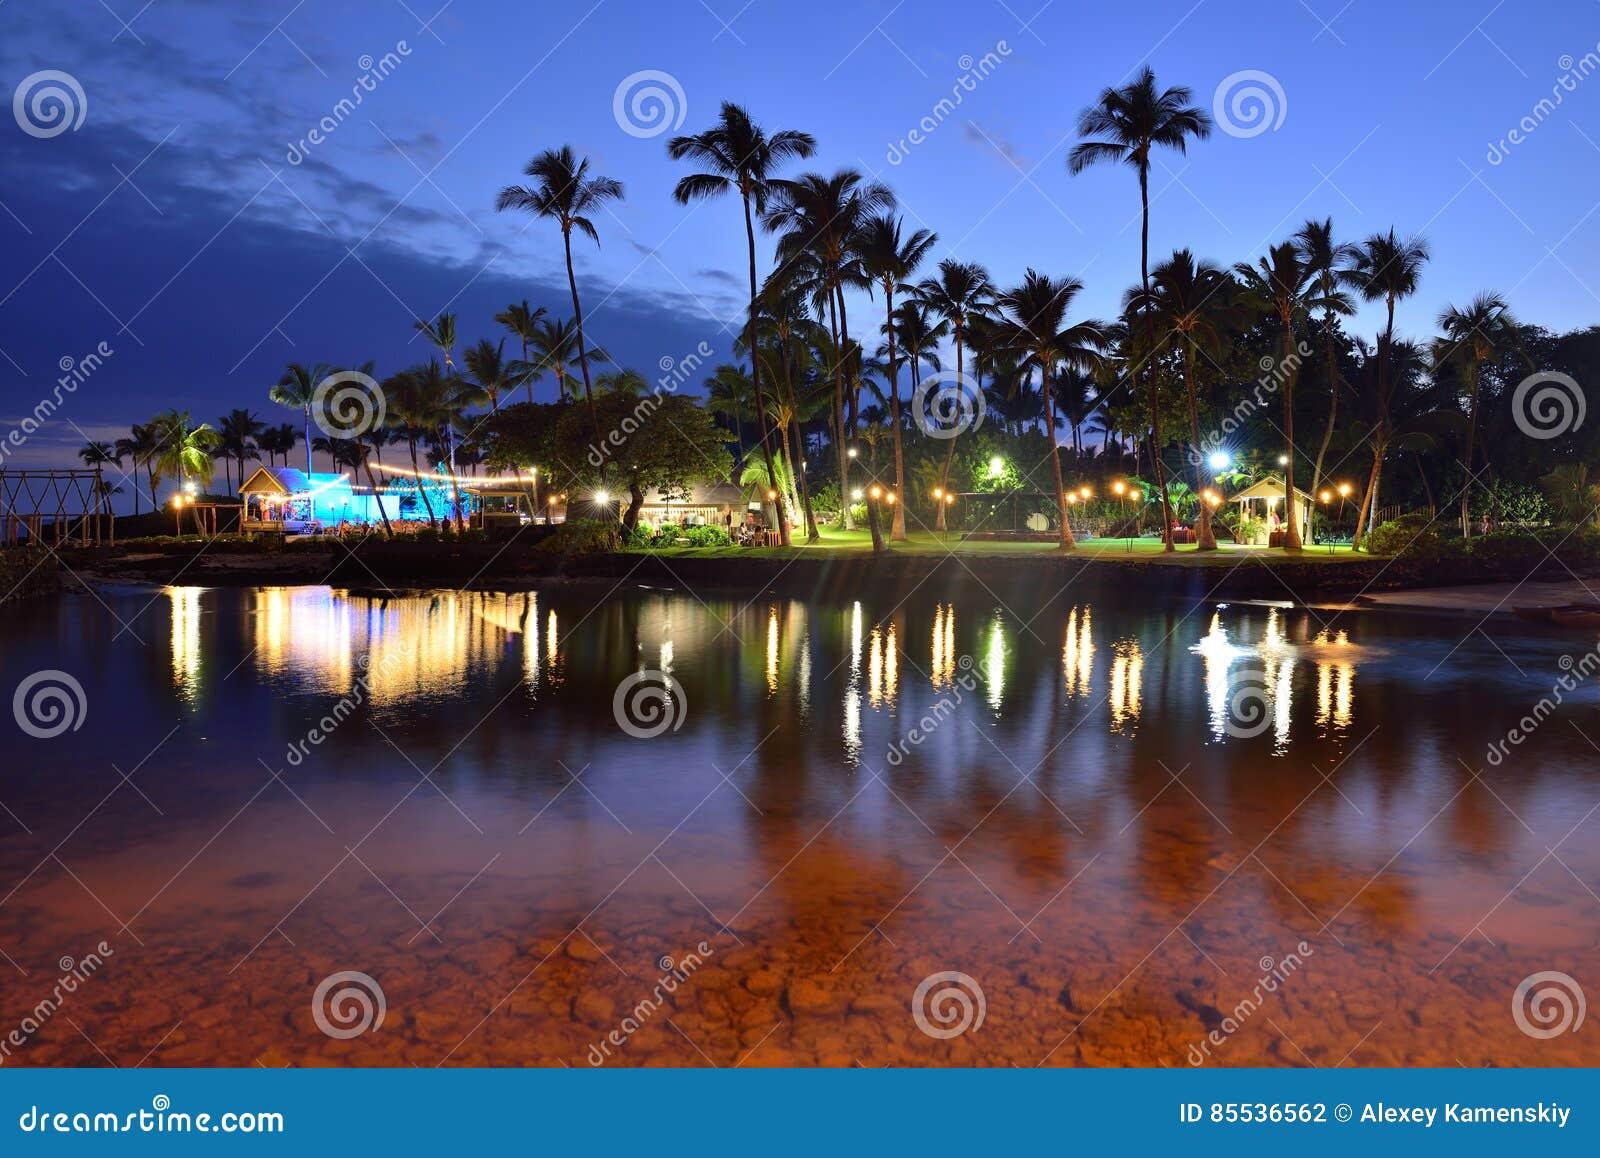 Strandparty Luau in Hawaii nach Sonnenuntergang